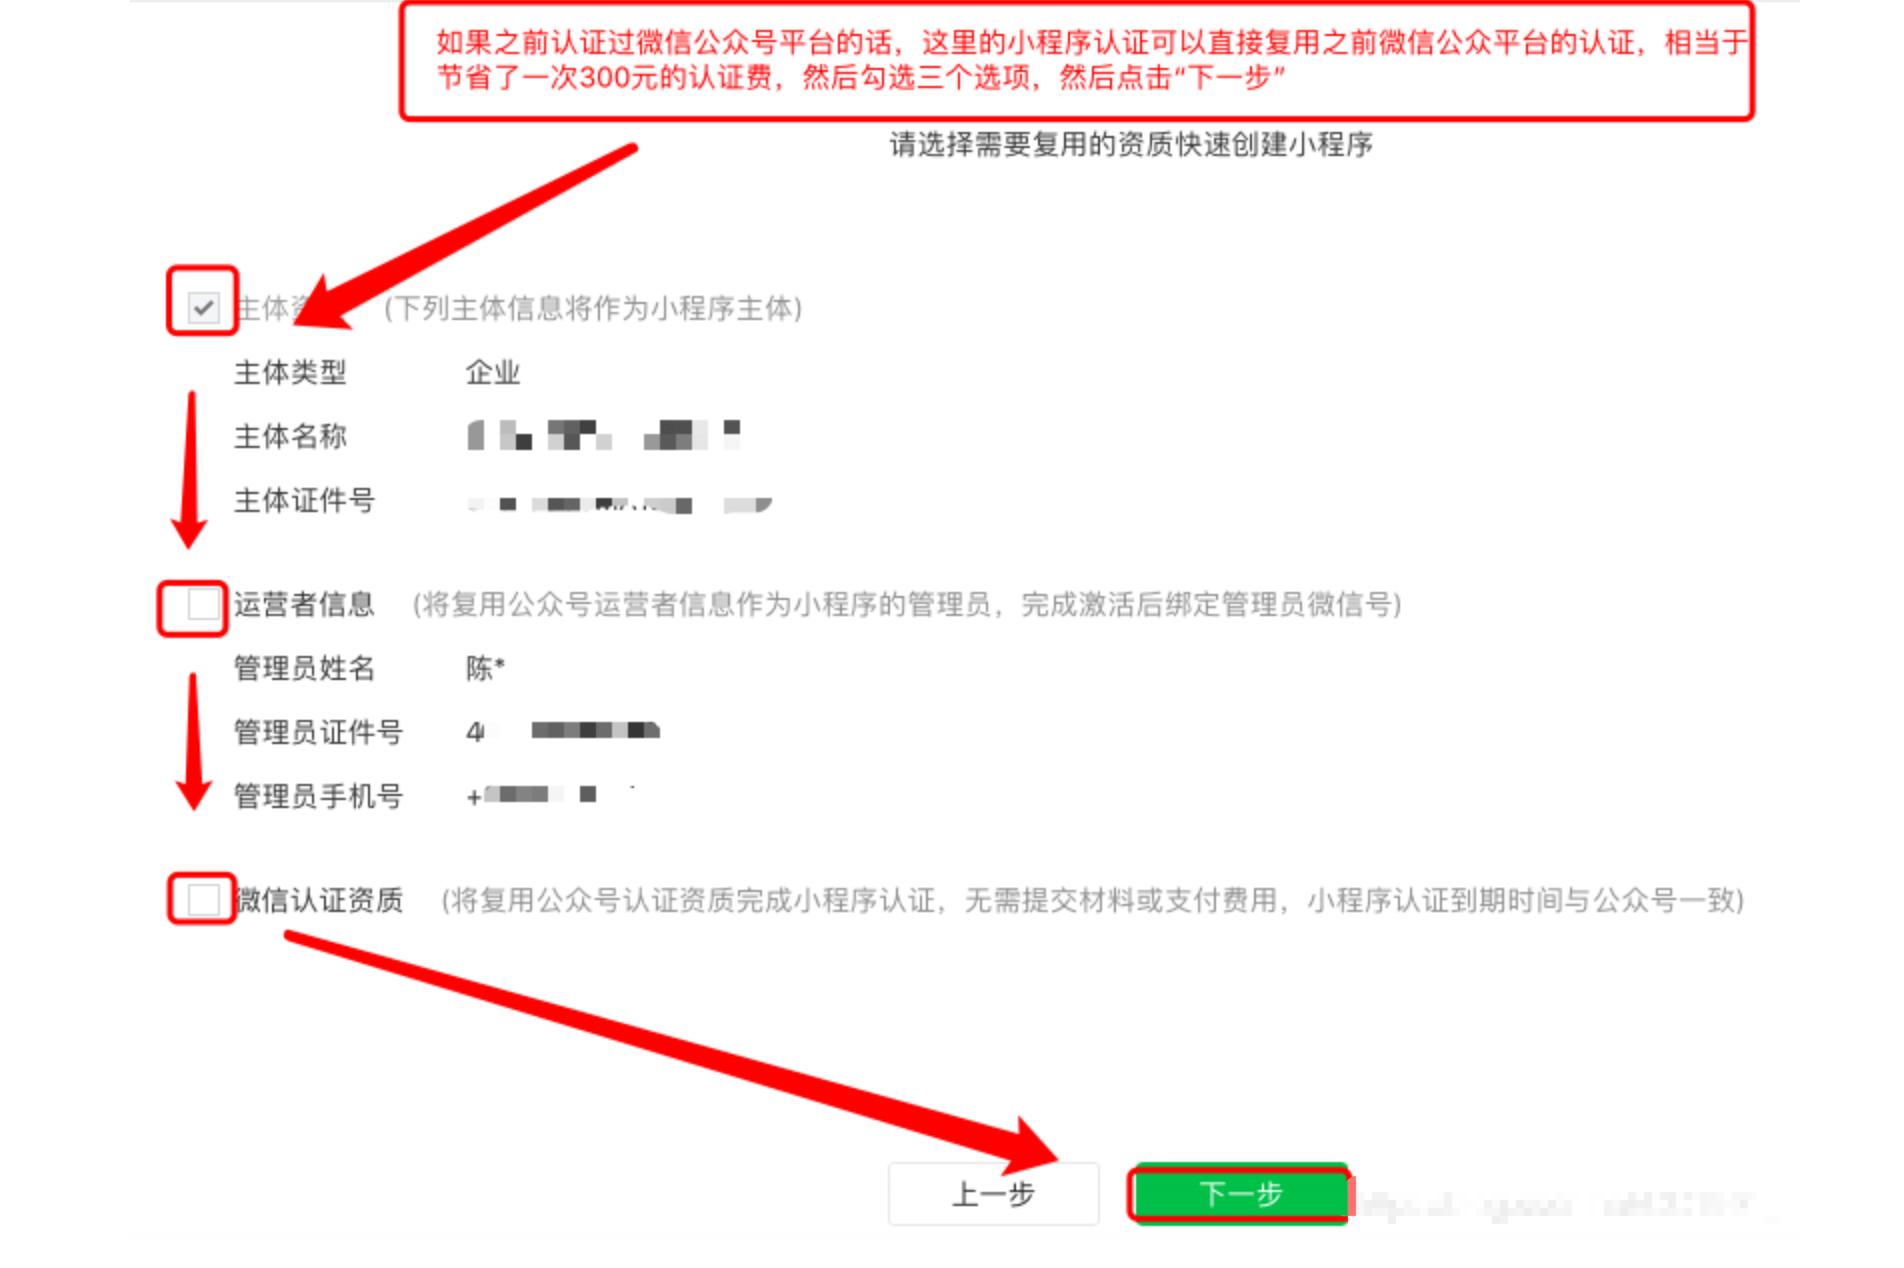 微信小程序申请和认证流程第五步